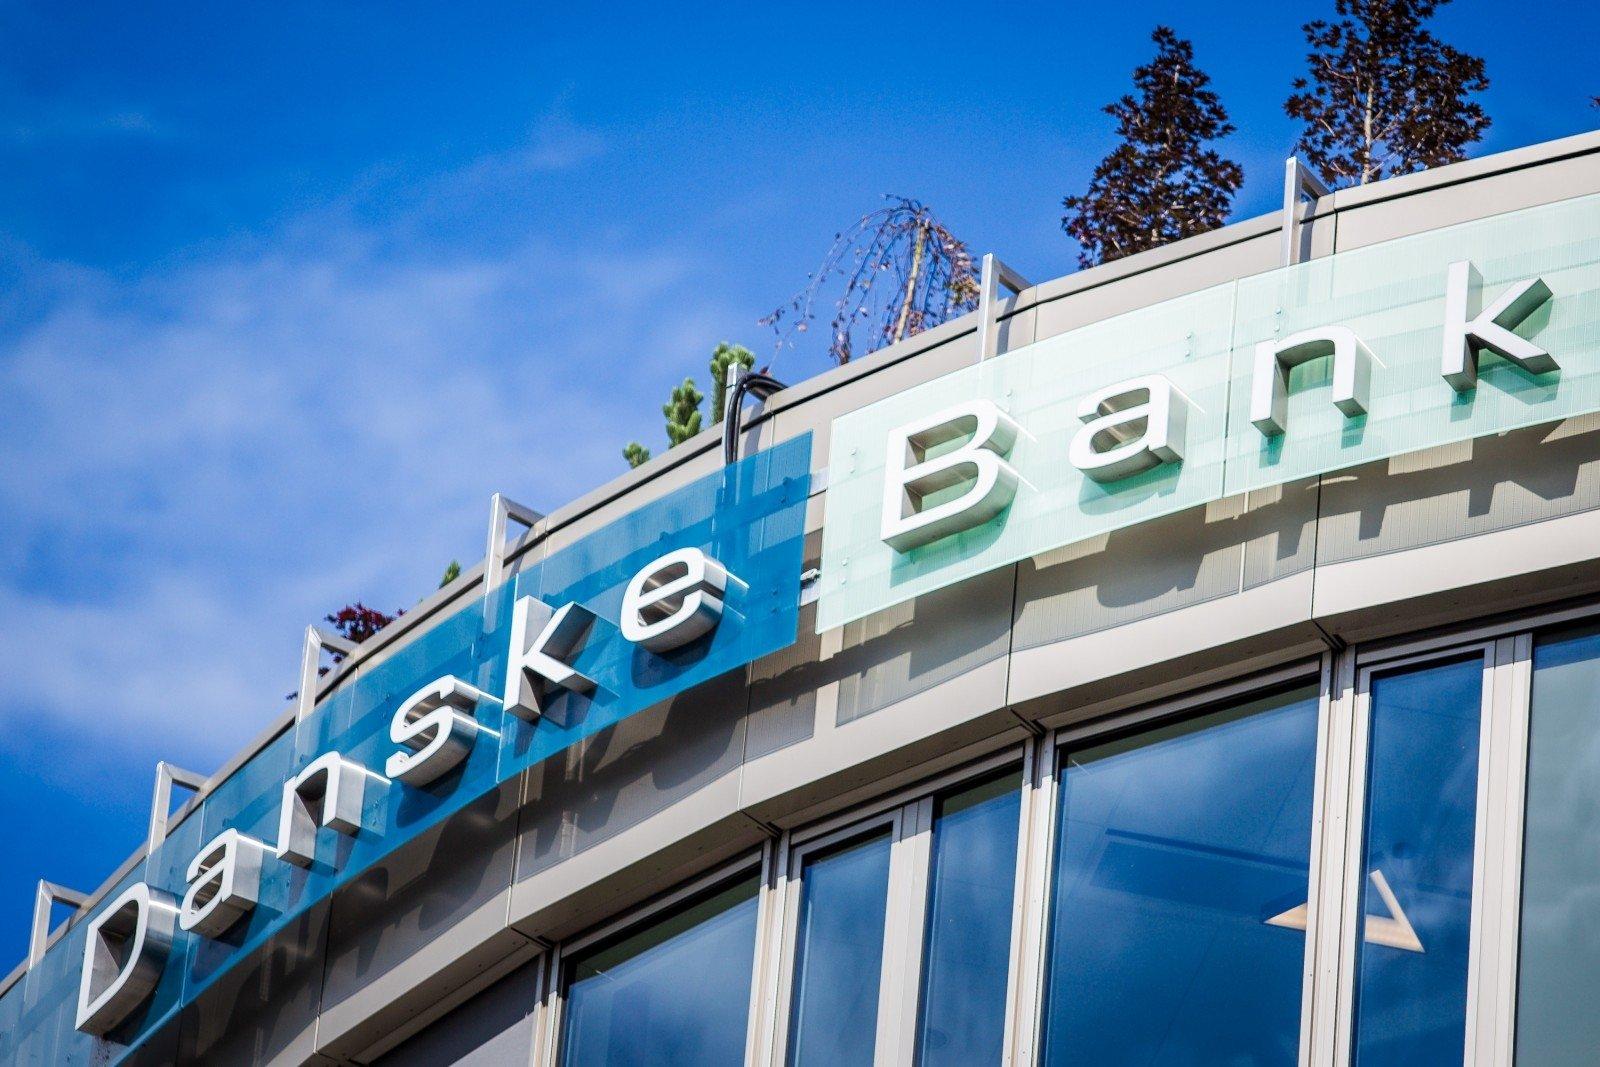 Власти США расследуют отмывание денег в Danske Bank , США, Расследование, Отмывание денег, Danske Bank